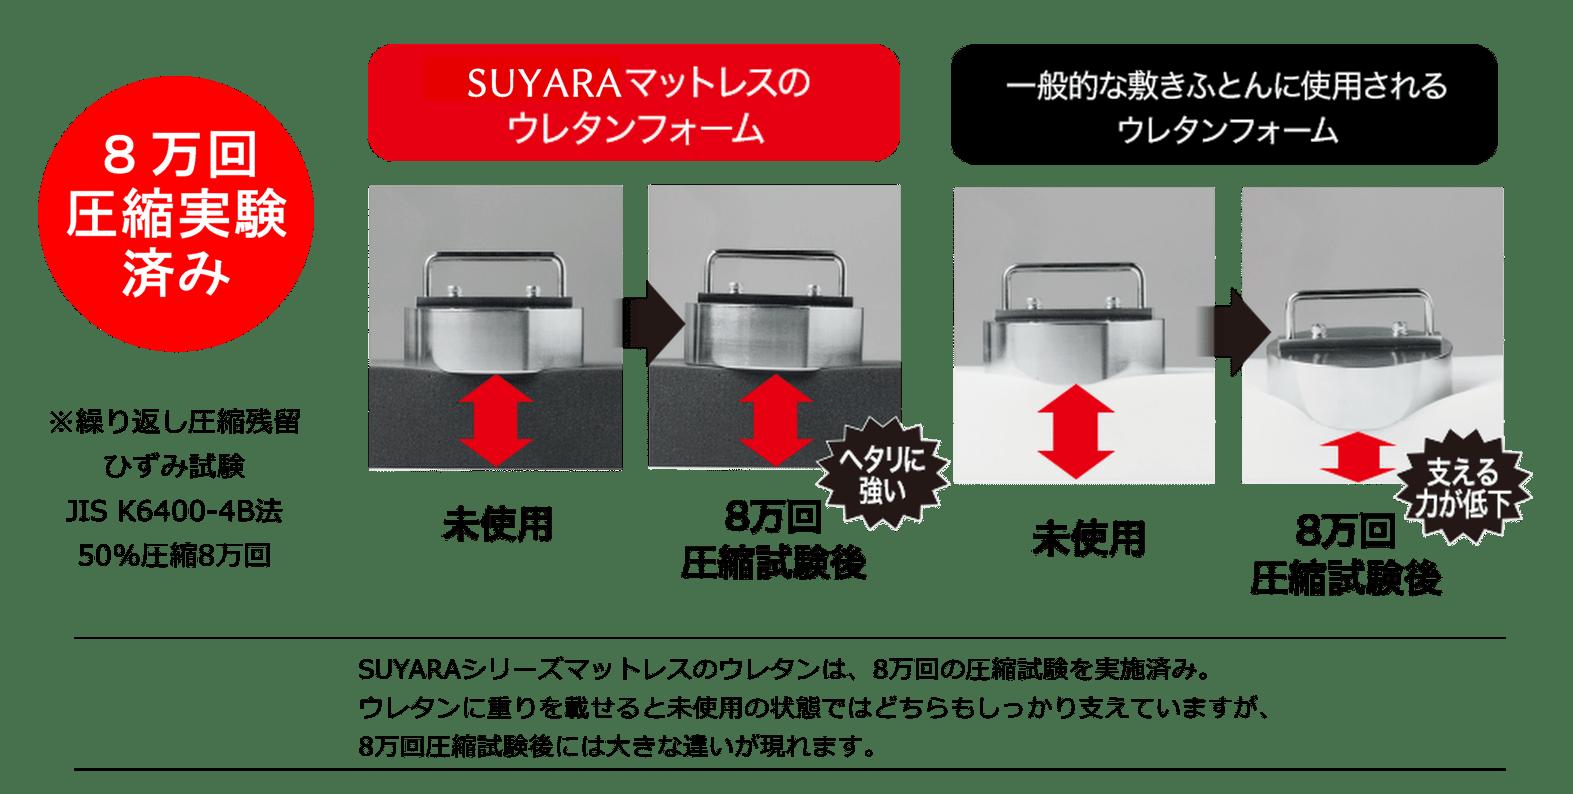 ウレタンフォームの耐久性がすごい!長く使うとこんなに差が!? 8万回の圧縮実験の結果、一般的な敷ふとんに使用されるウレタンフォームとSUYARAを比較すると図のように耐久性に大きな差が出ます。